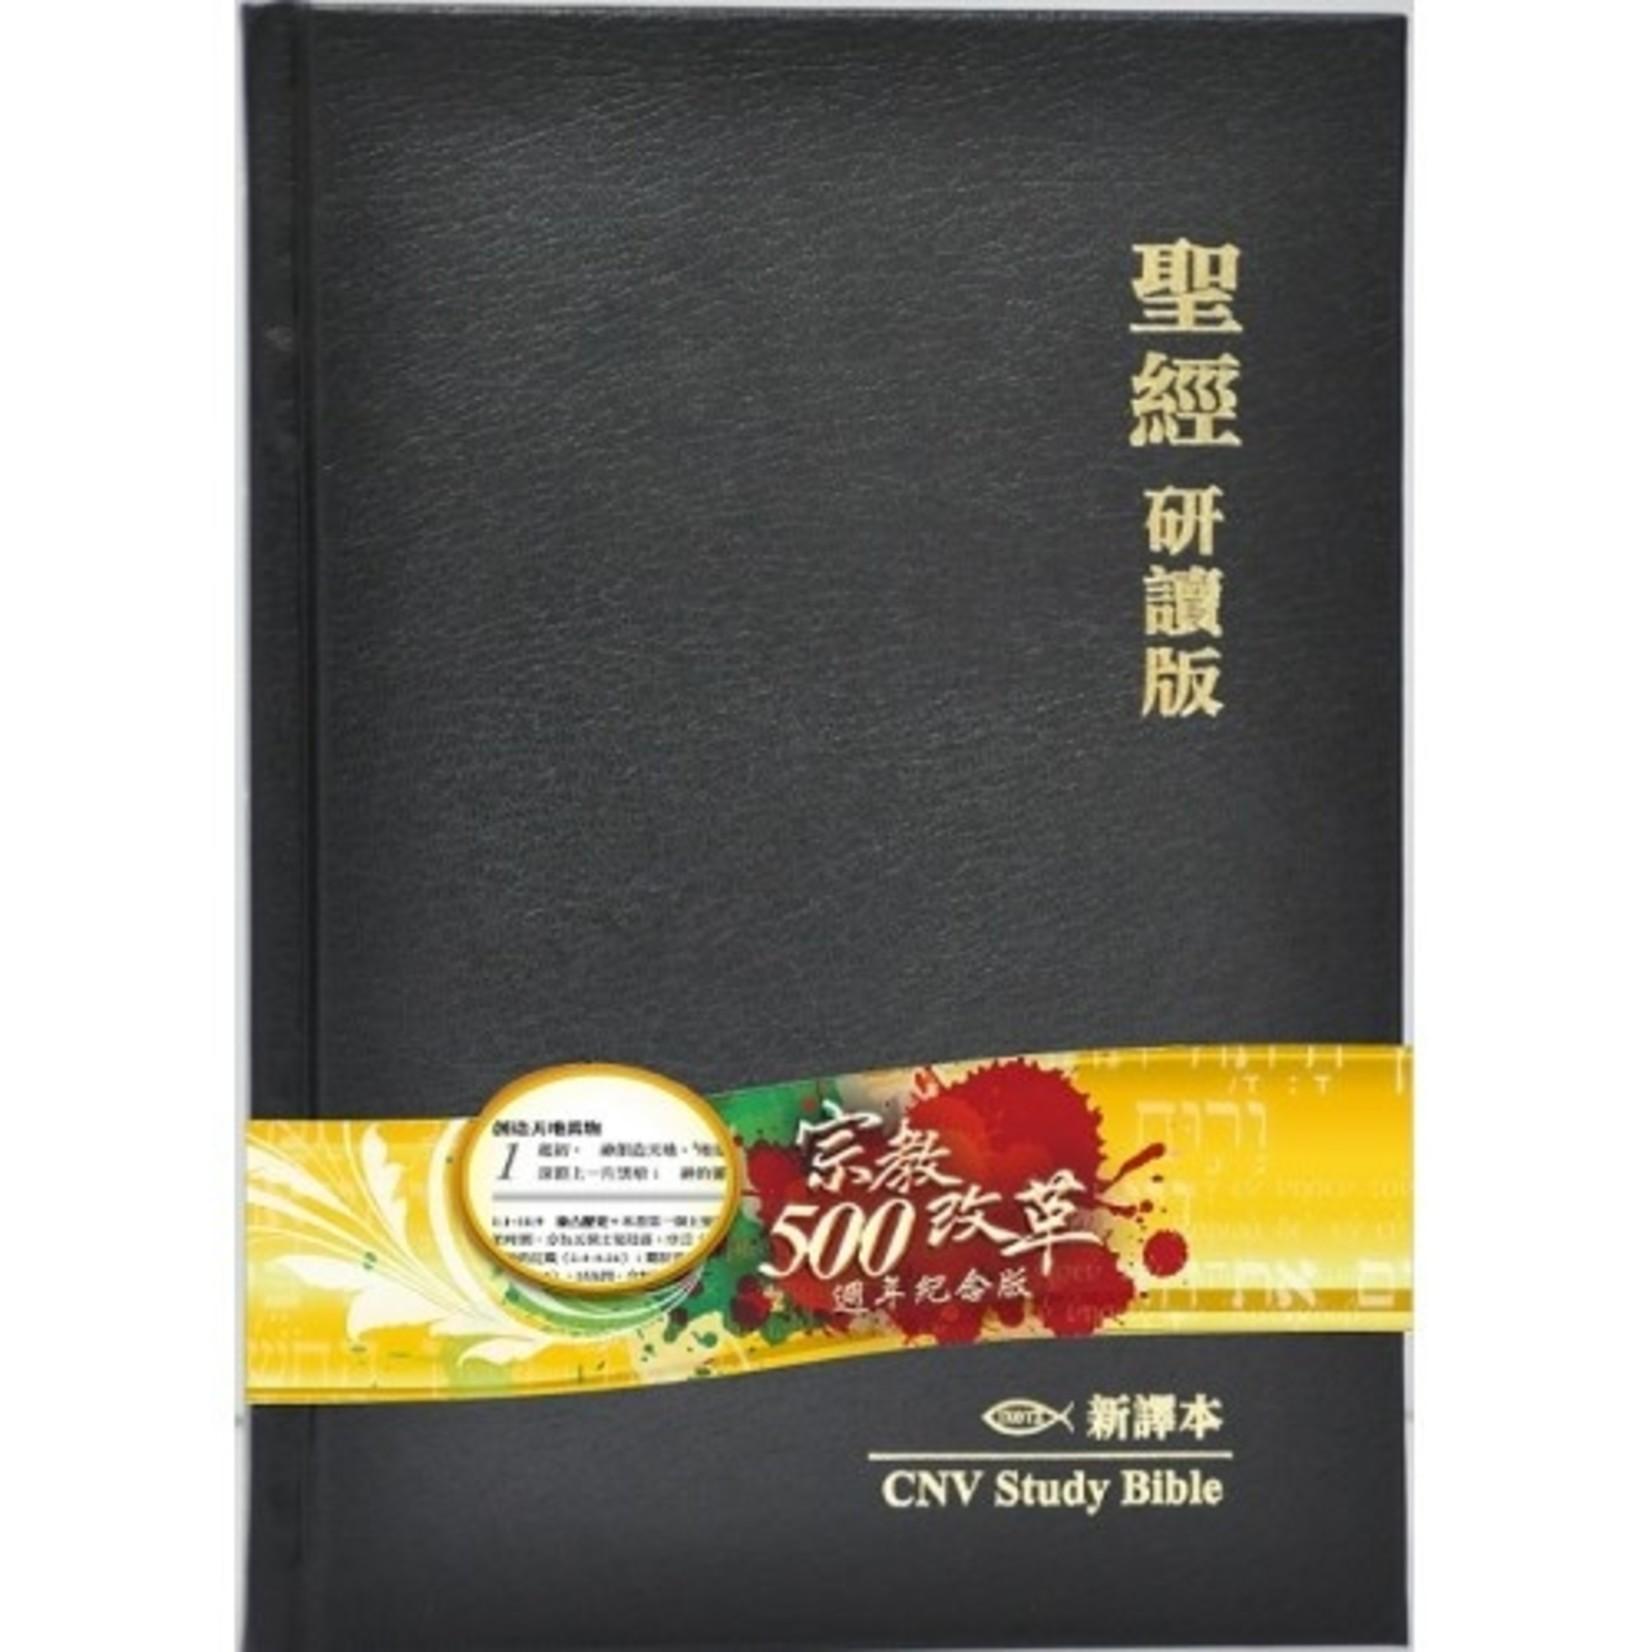 環球聖經公會 The Worldwide Bible Society 聖經研讀版:新譯本.加大裝.黑色精裝白邊.繁體 CNV Study Bible, Large Size, Trad., Black Hardback Cover, White Edge